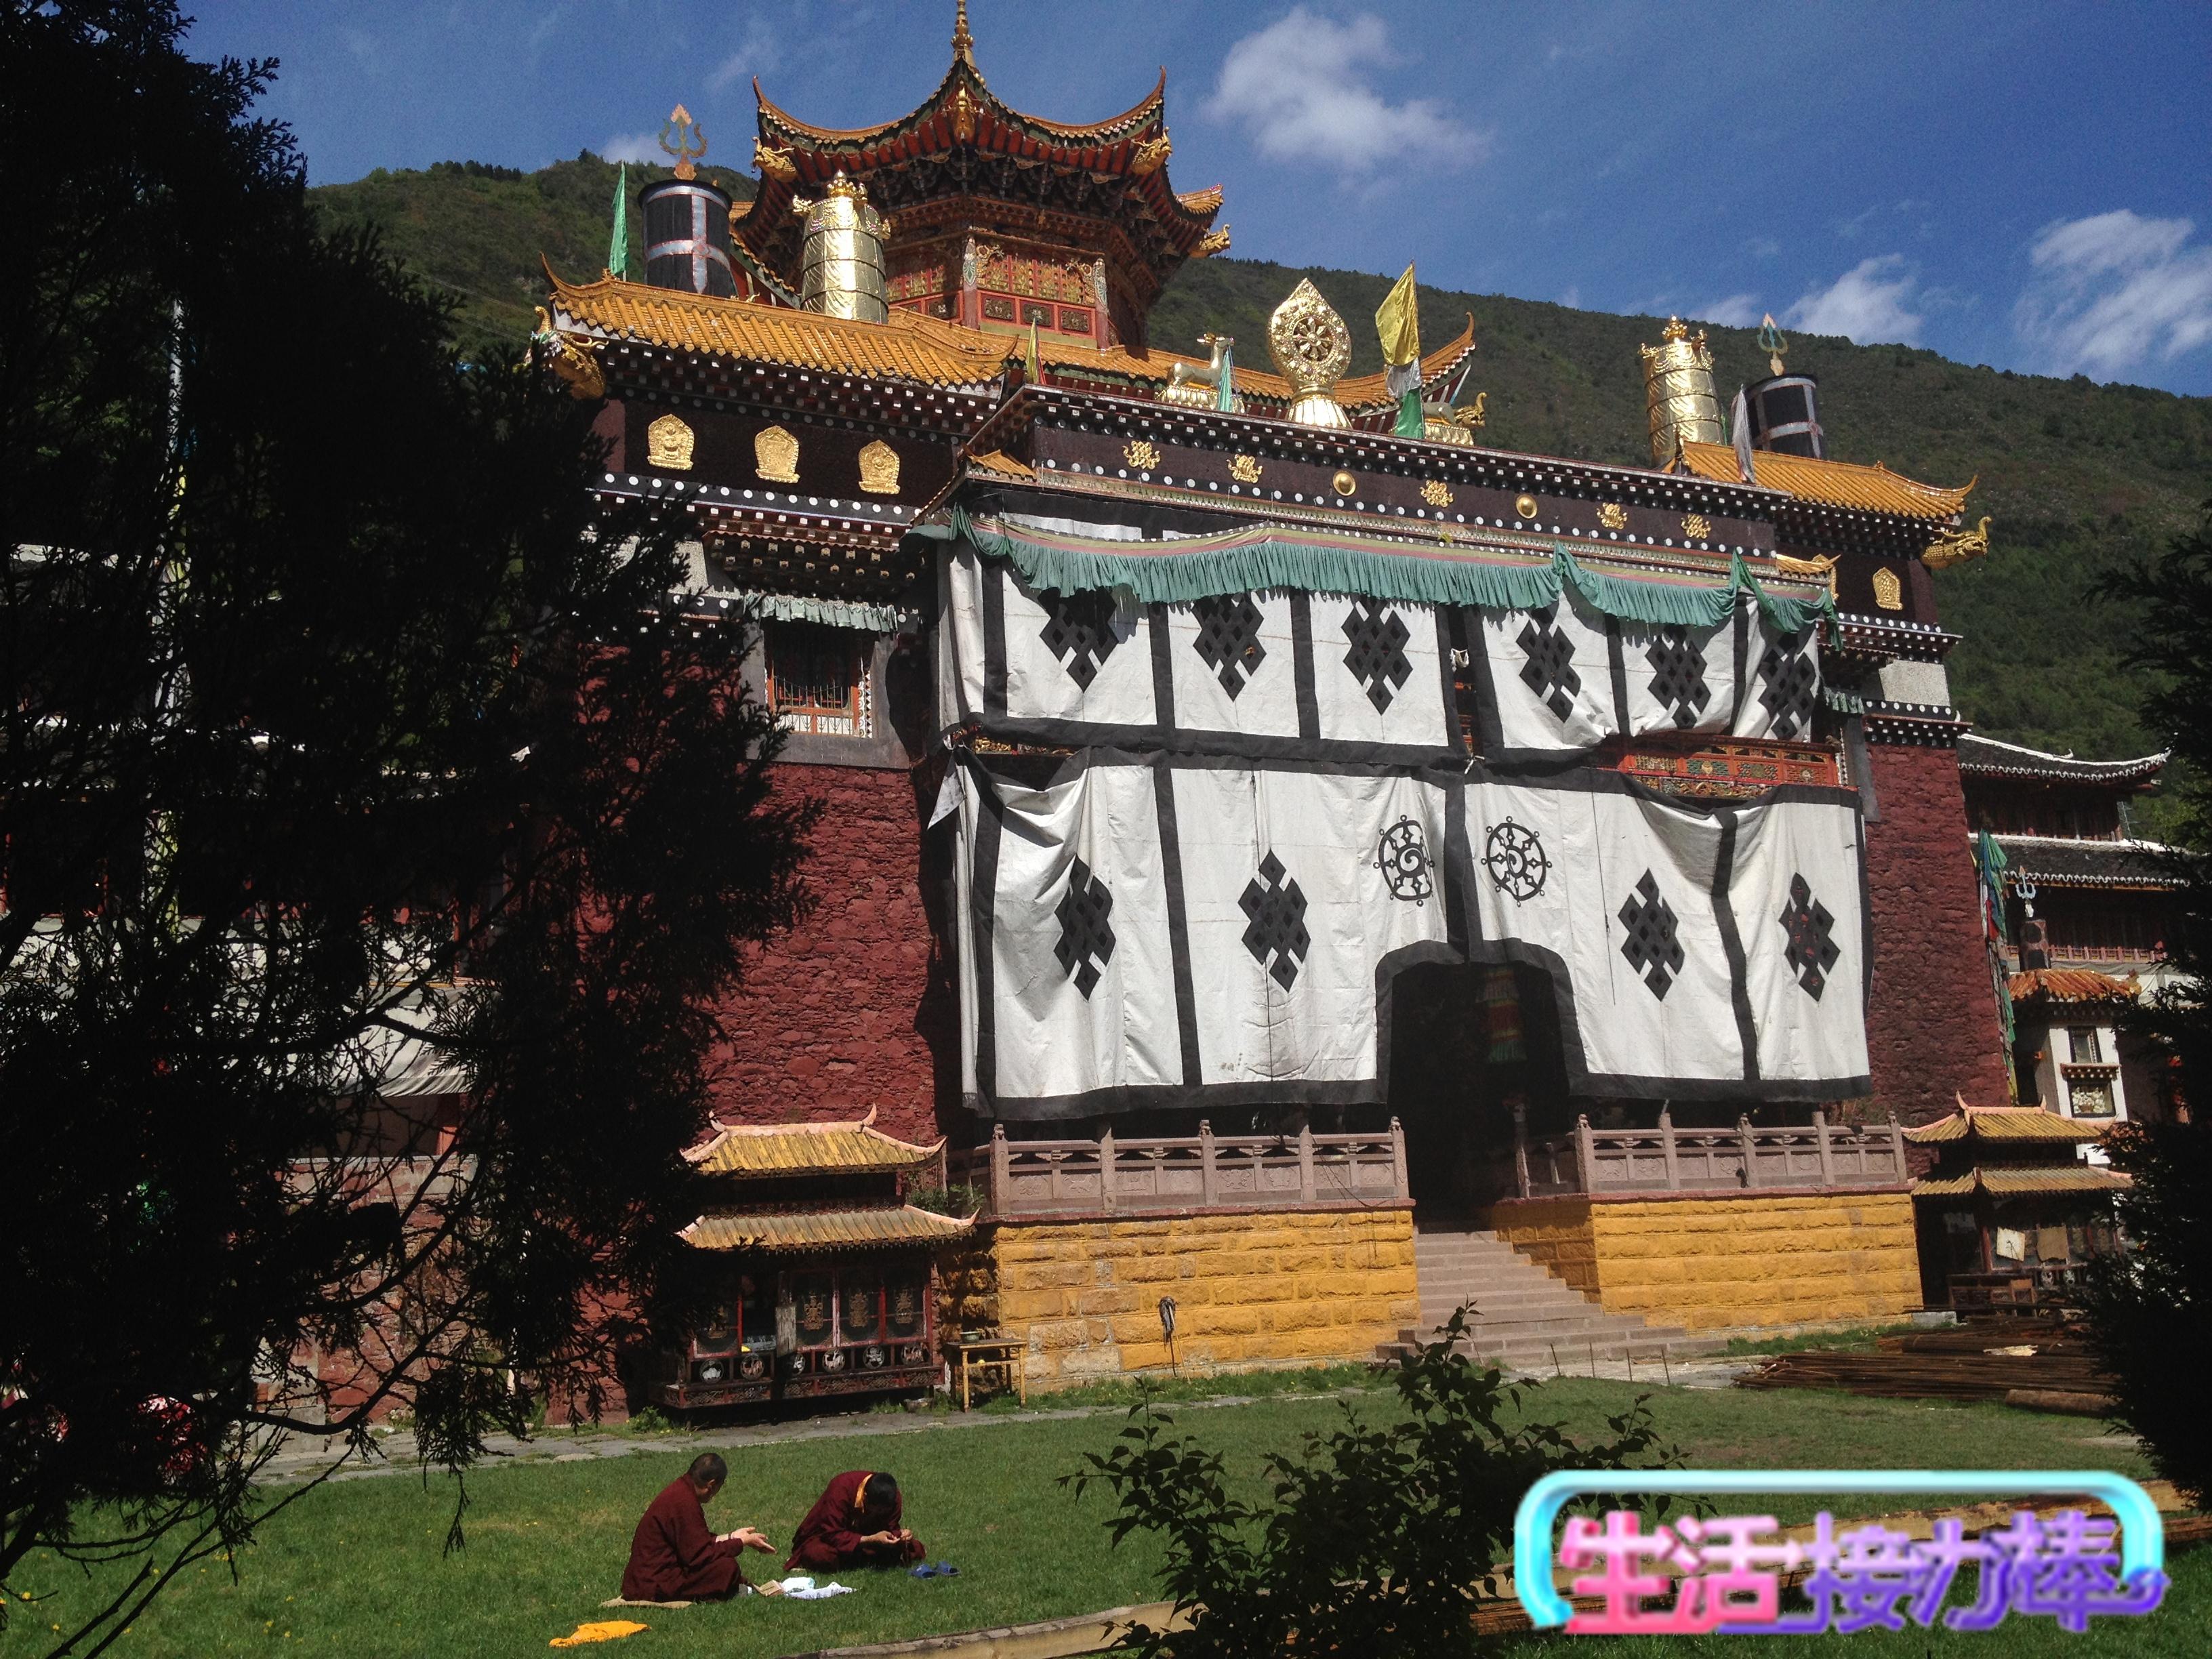 圣洁的藏传佛教寺庙金刚寺